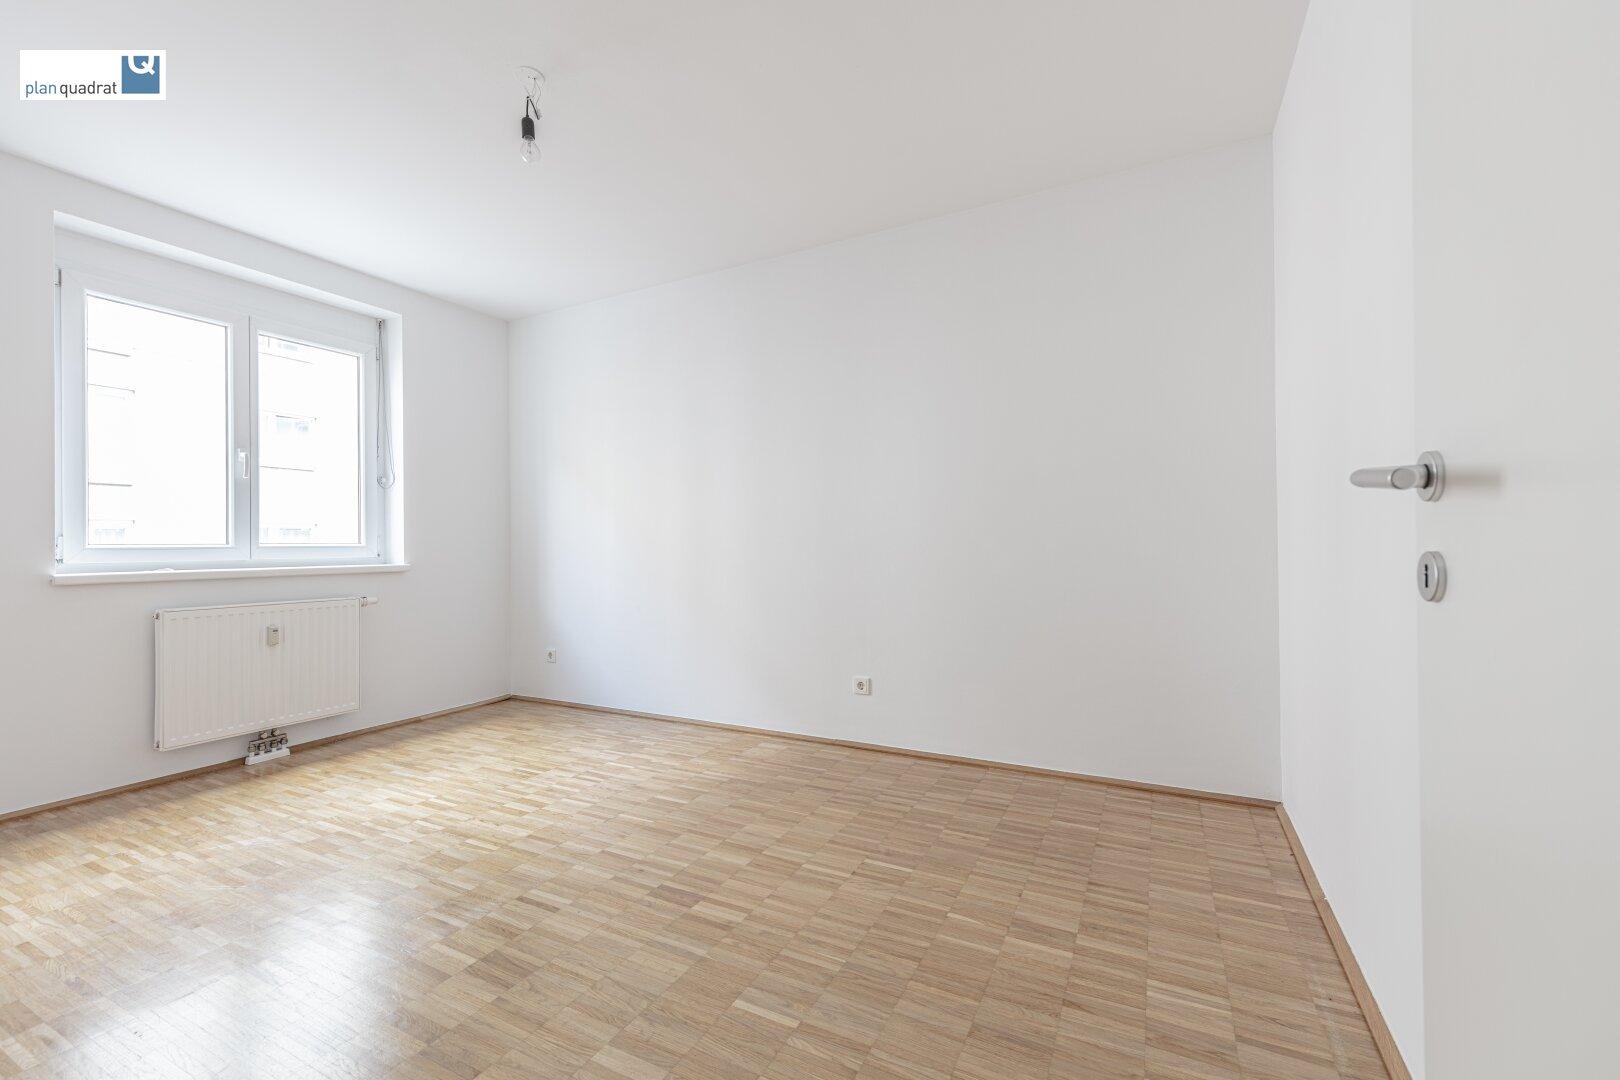 Schlafzimmer (ca. 12,70 m²)